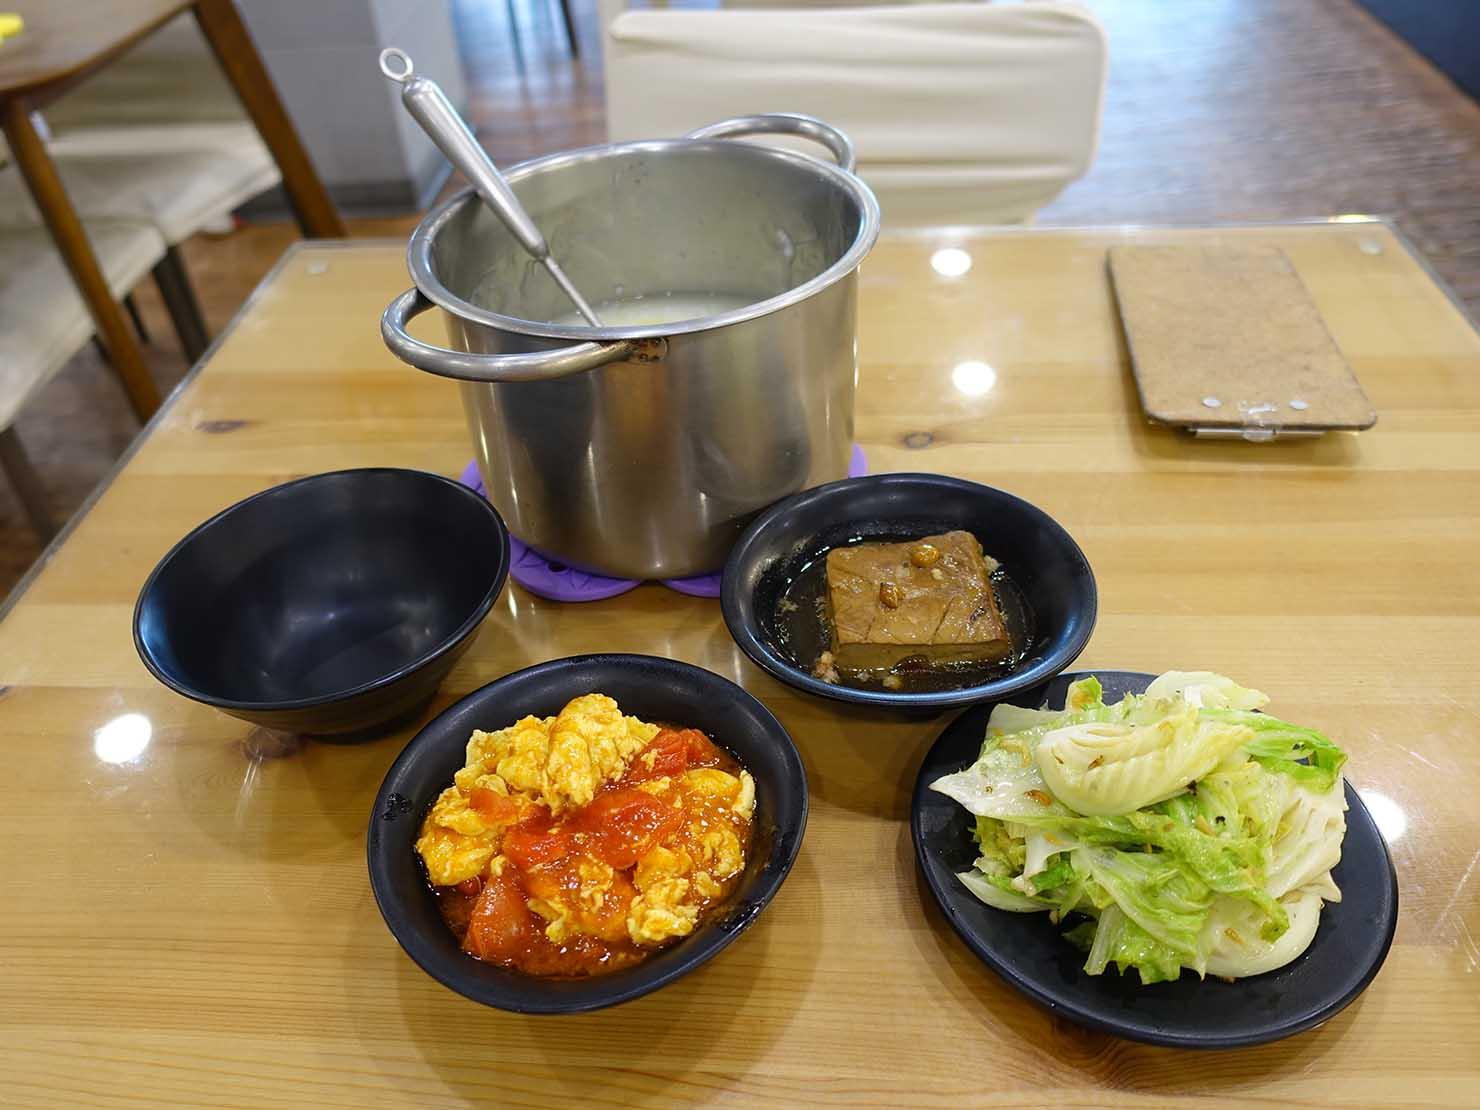 台北・清粥街(お粥街)にある「無名字清粥小菜」のお粥と料理